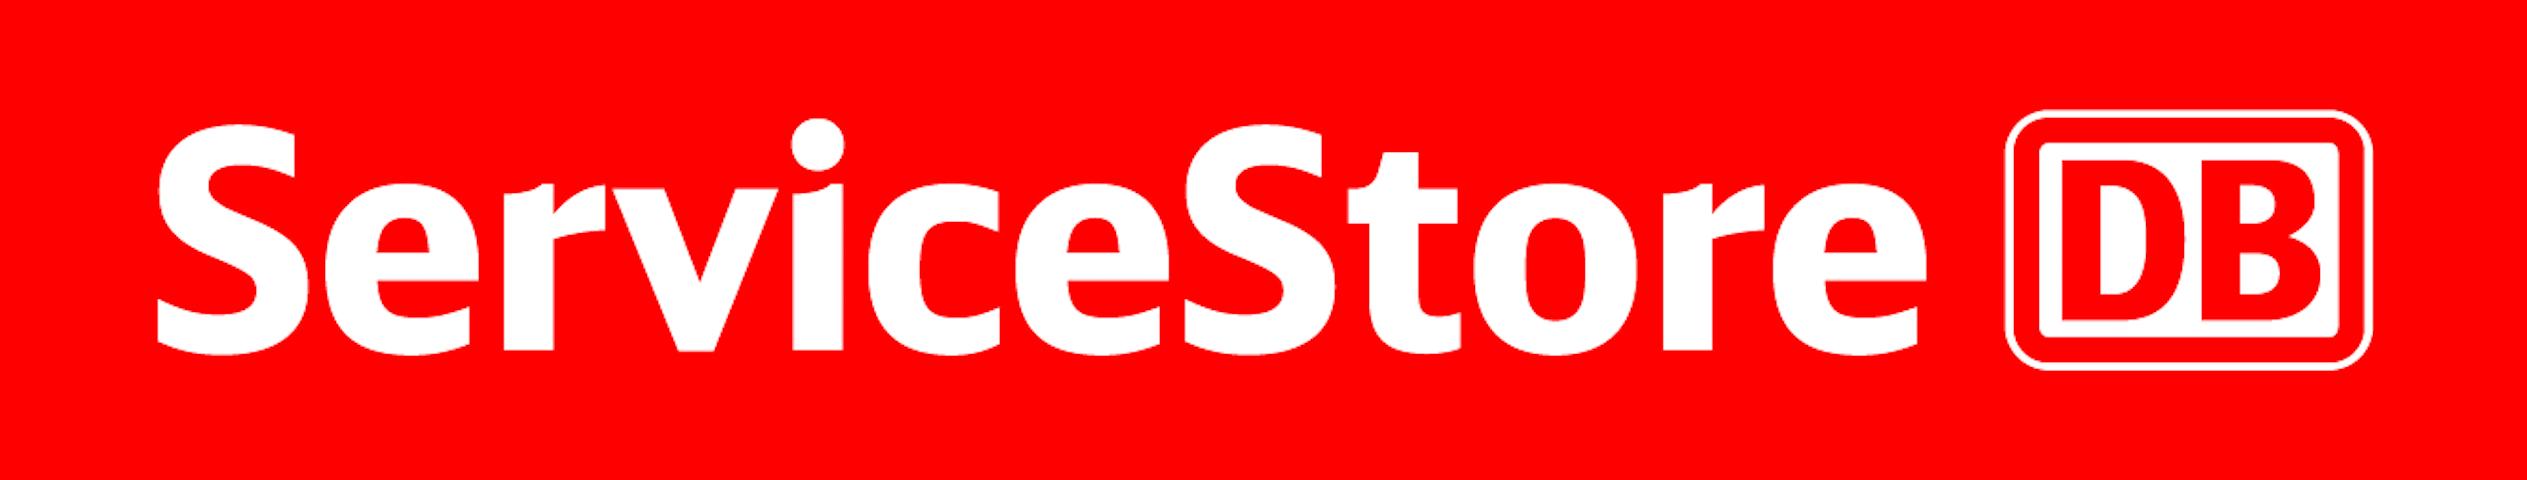 ServiceStore DB - Bahnhof Wetzlar